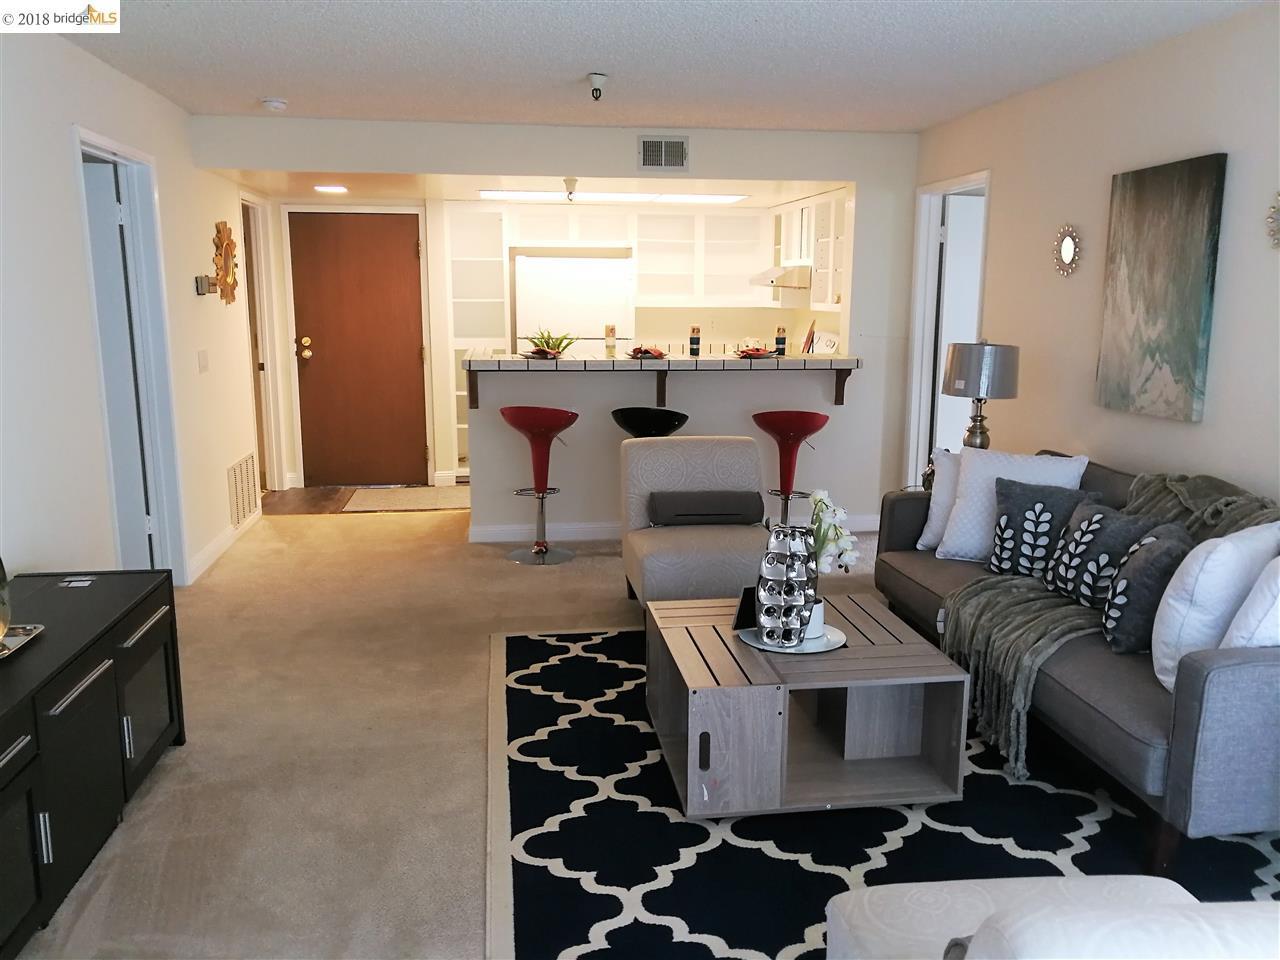 شقة بعمارة للـ Sale في 545 pierce Street 545 pierce Street Albany, California 94706 United States